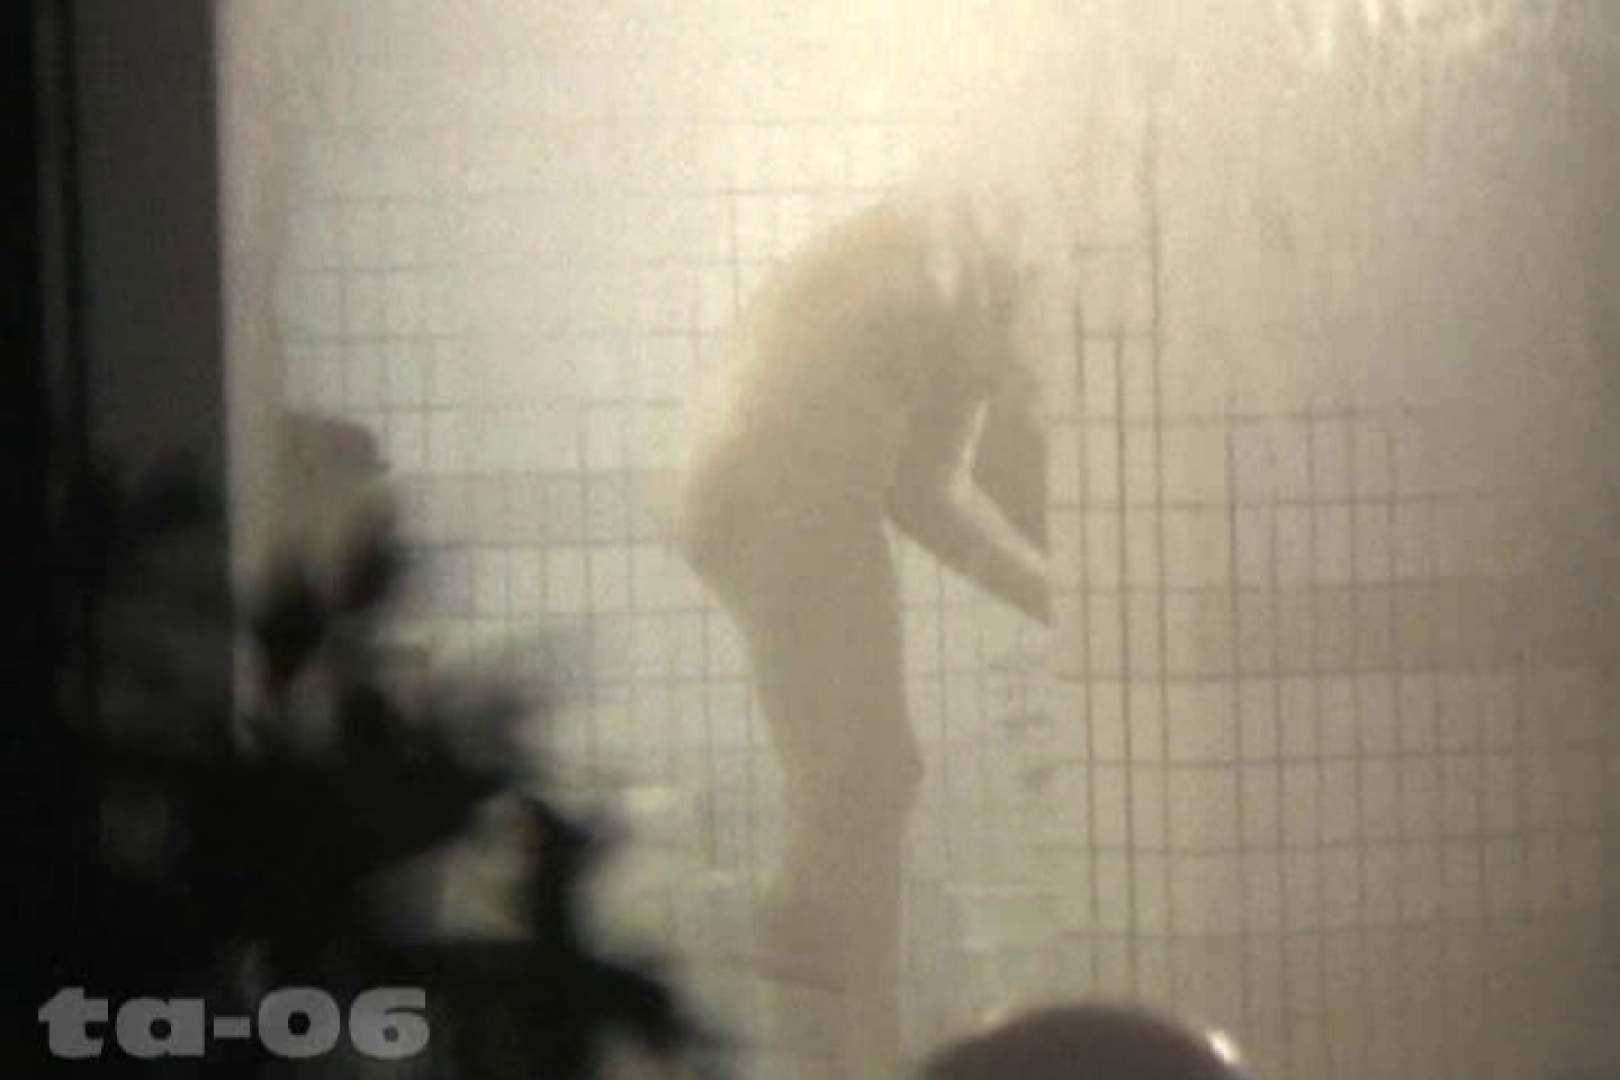 合宿ホテル女風呂盗撮高画質版 Vol.06 盗撮 盗み撮り動画キャプチャ 87枚 39